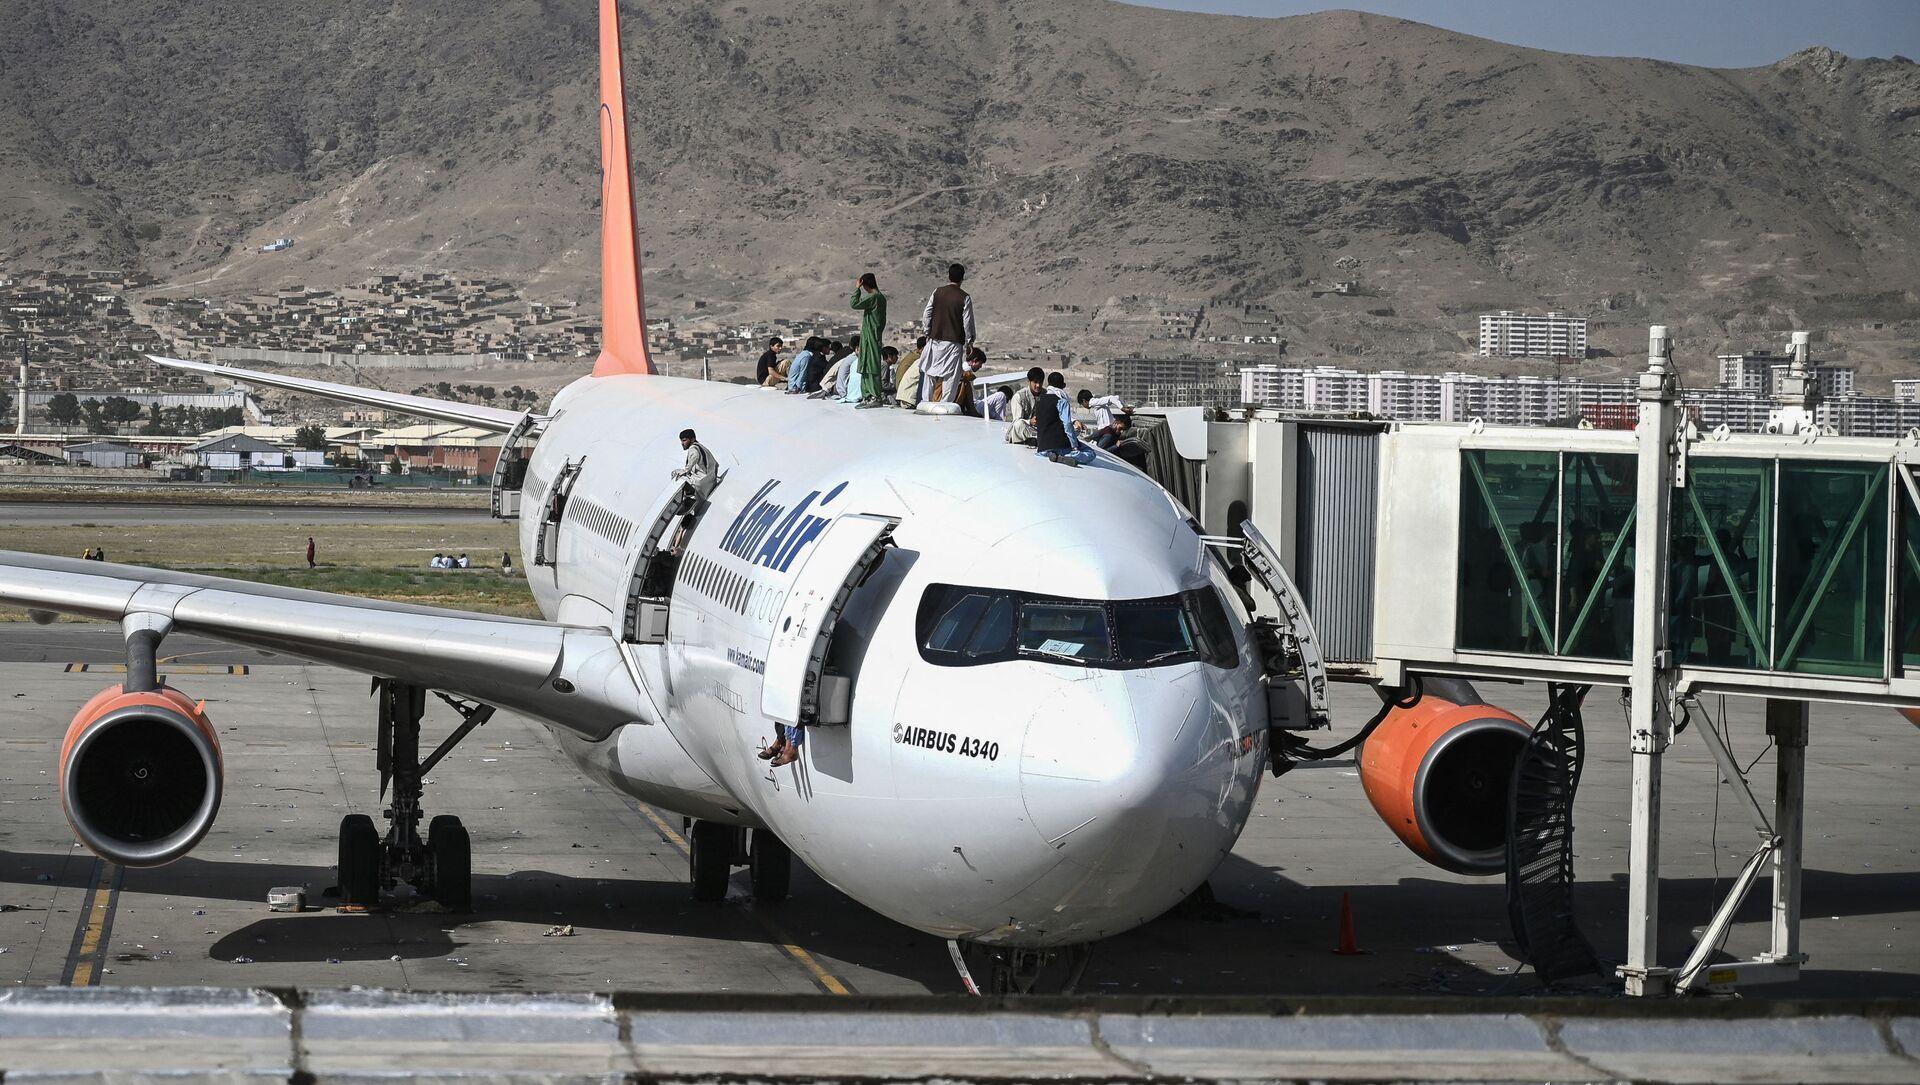 Афганцы забираются на самолет в кабульском аэропорту, 16 августа 2021 года. - Sputnik Азербайджан, 1920, 16.08.2021